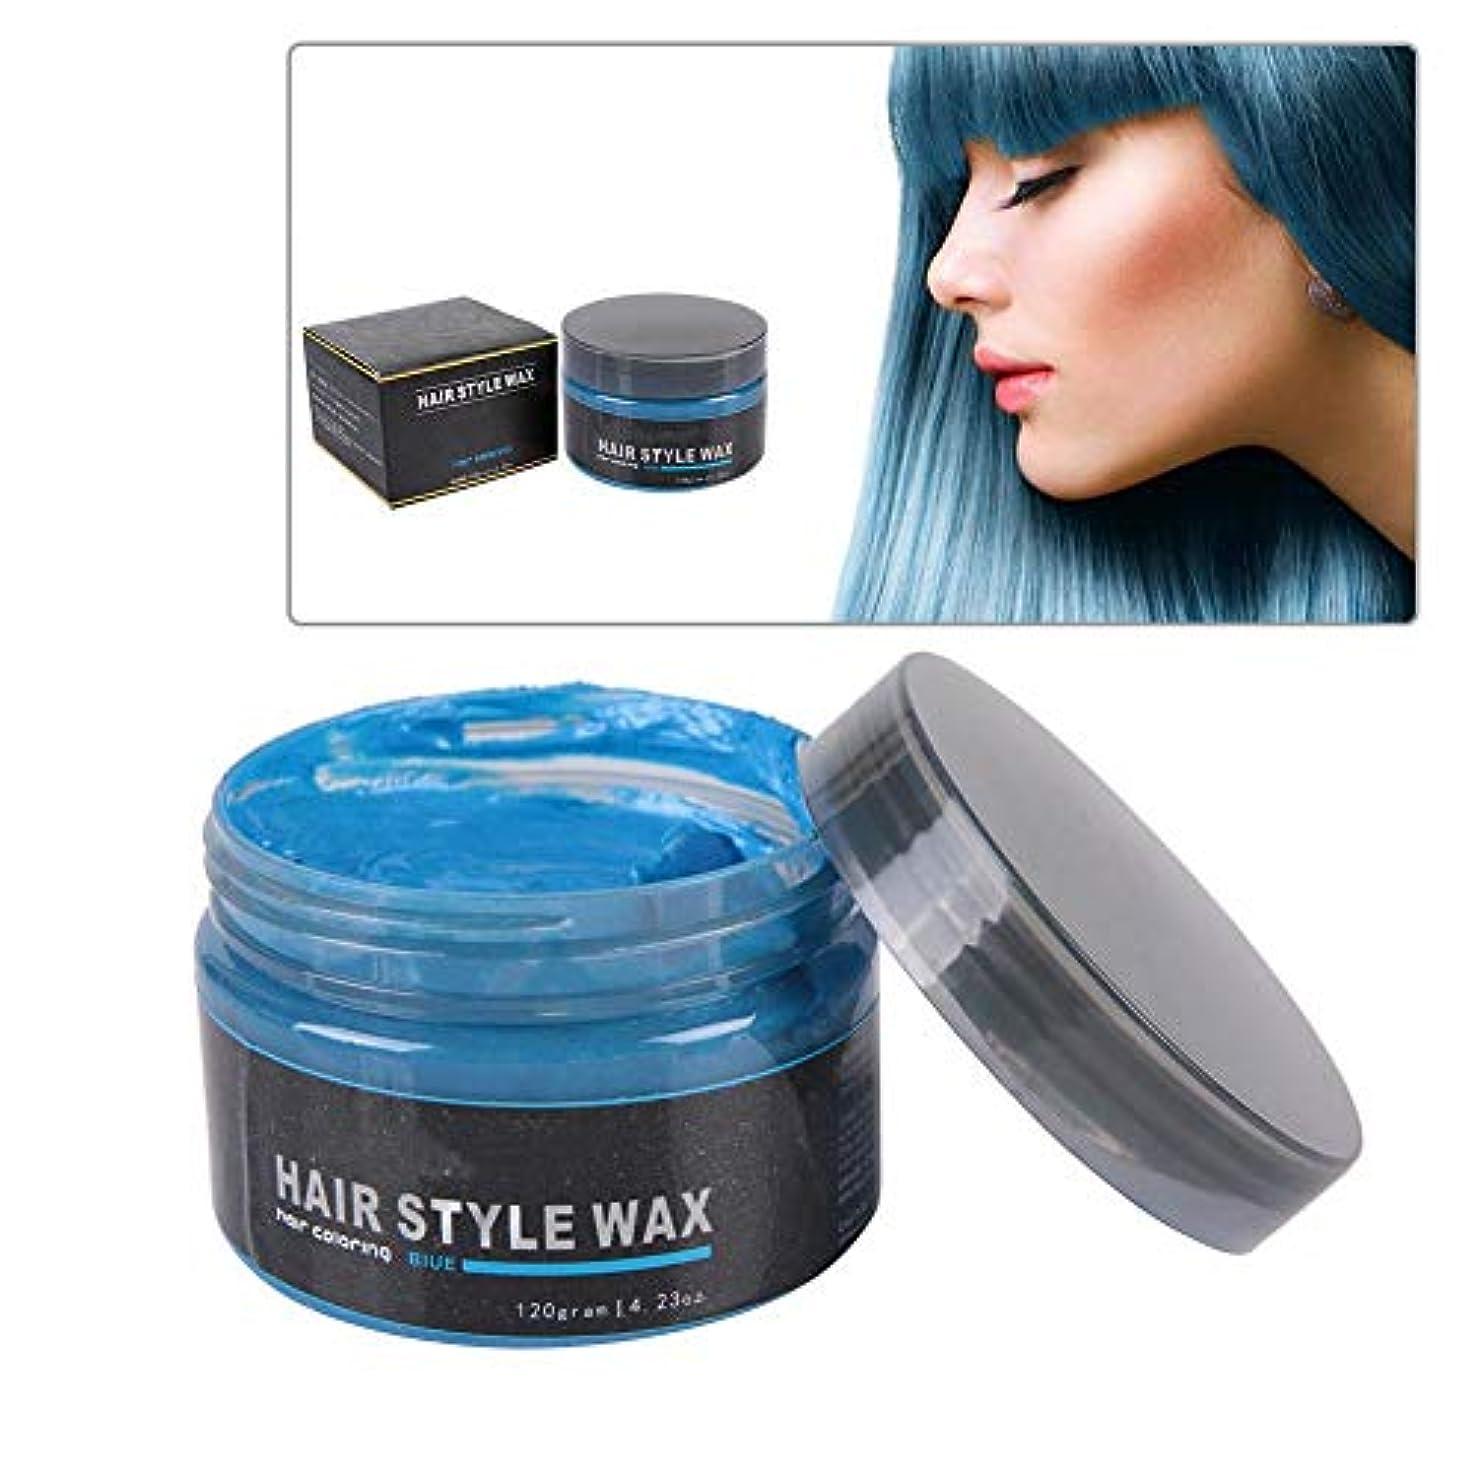 通信網ビットバンケット使い捨ての新しいヘアカラーワックス、染毛剤の着色泥のヘアスタイルモデリングクリーム120グラム(ブルー)